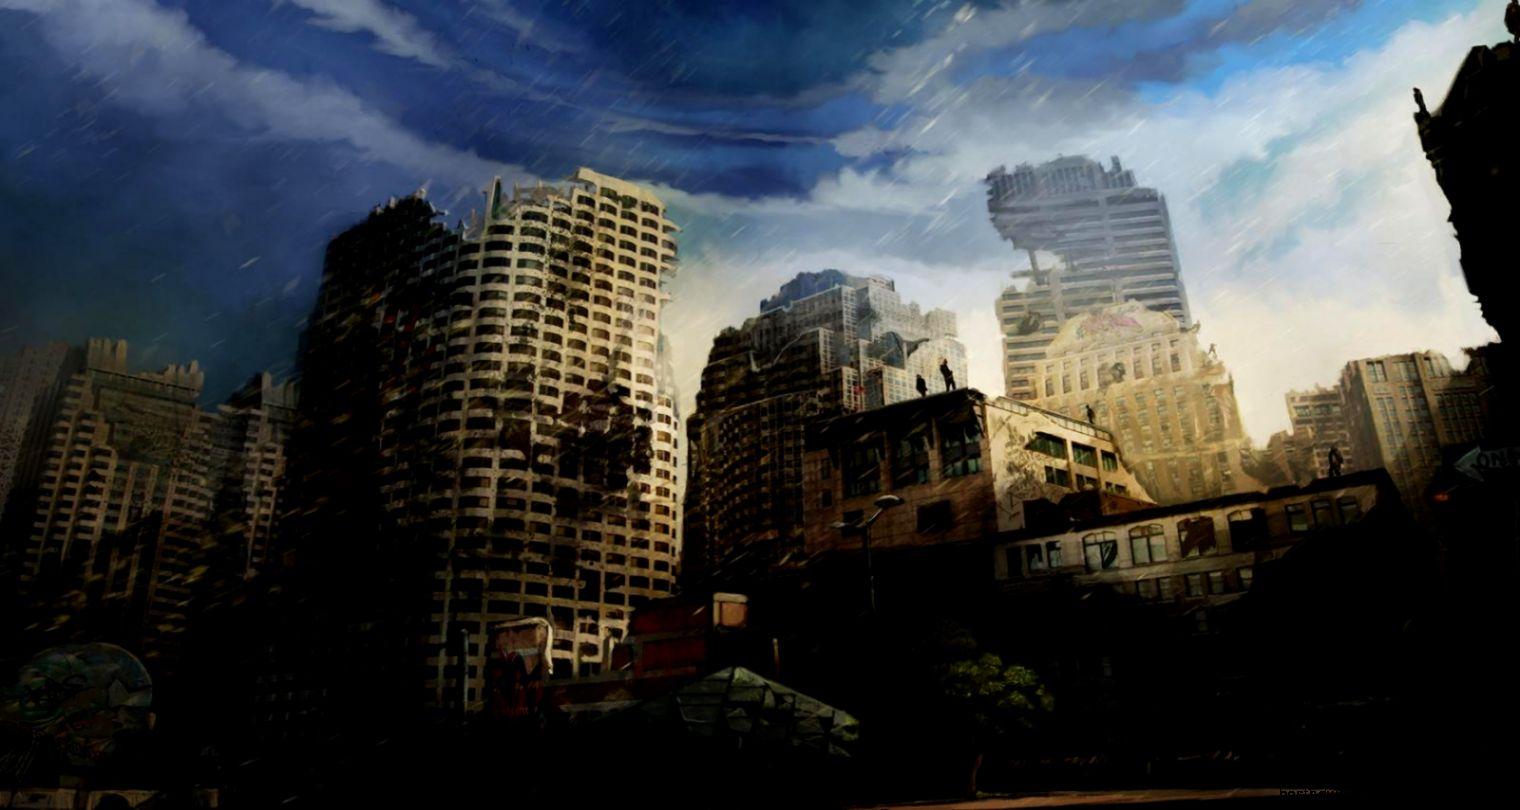 Art Wallpaper City When Rain